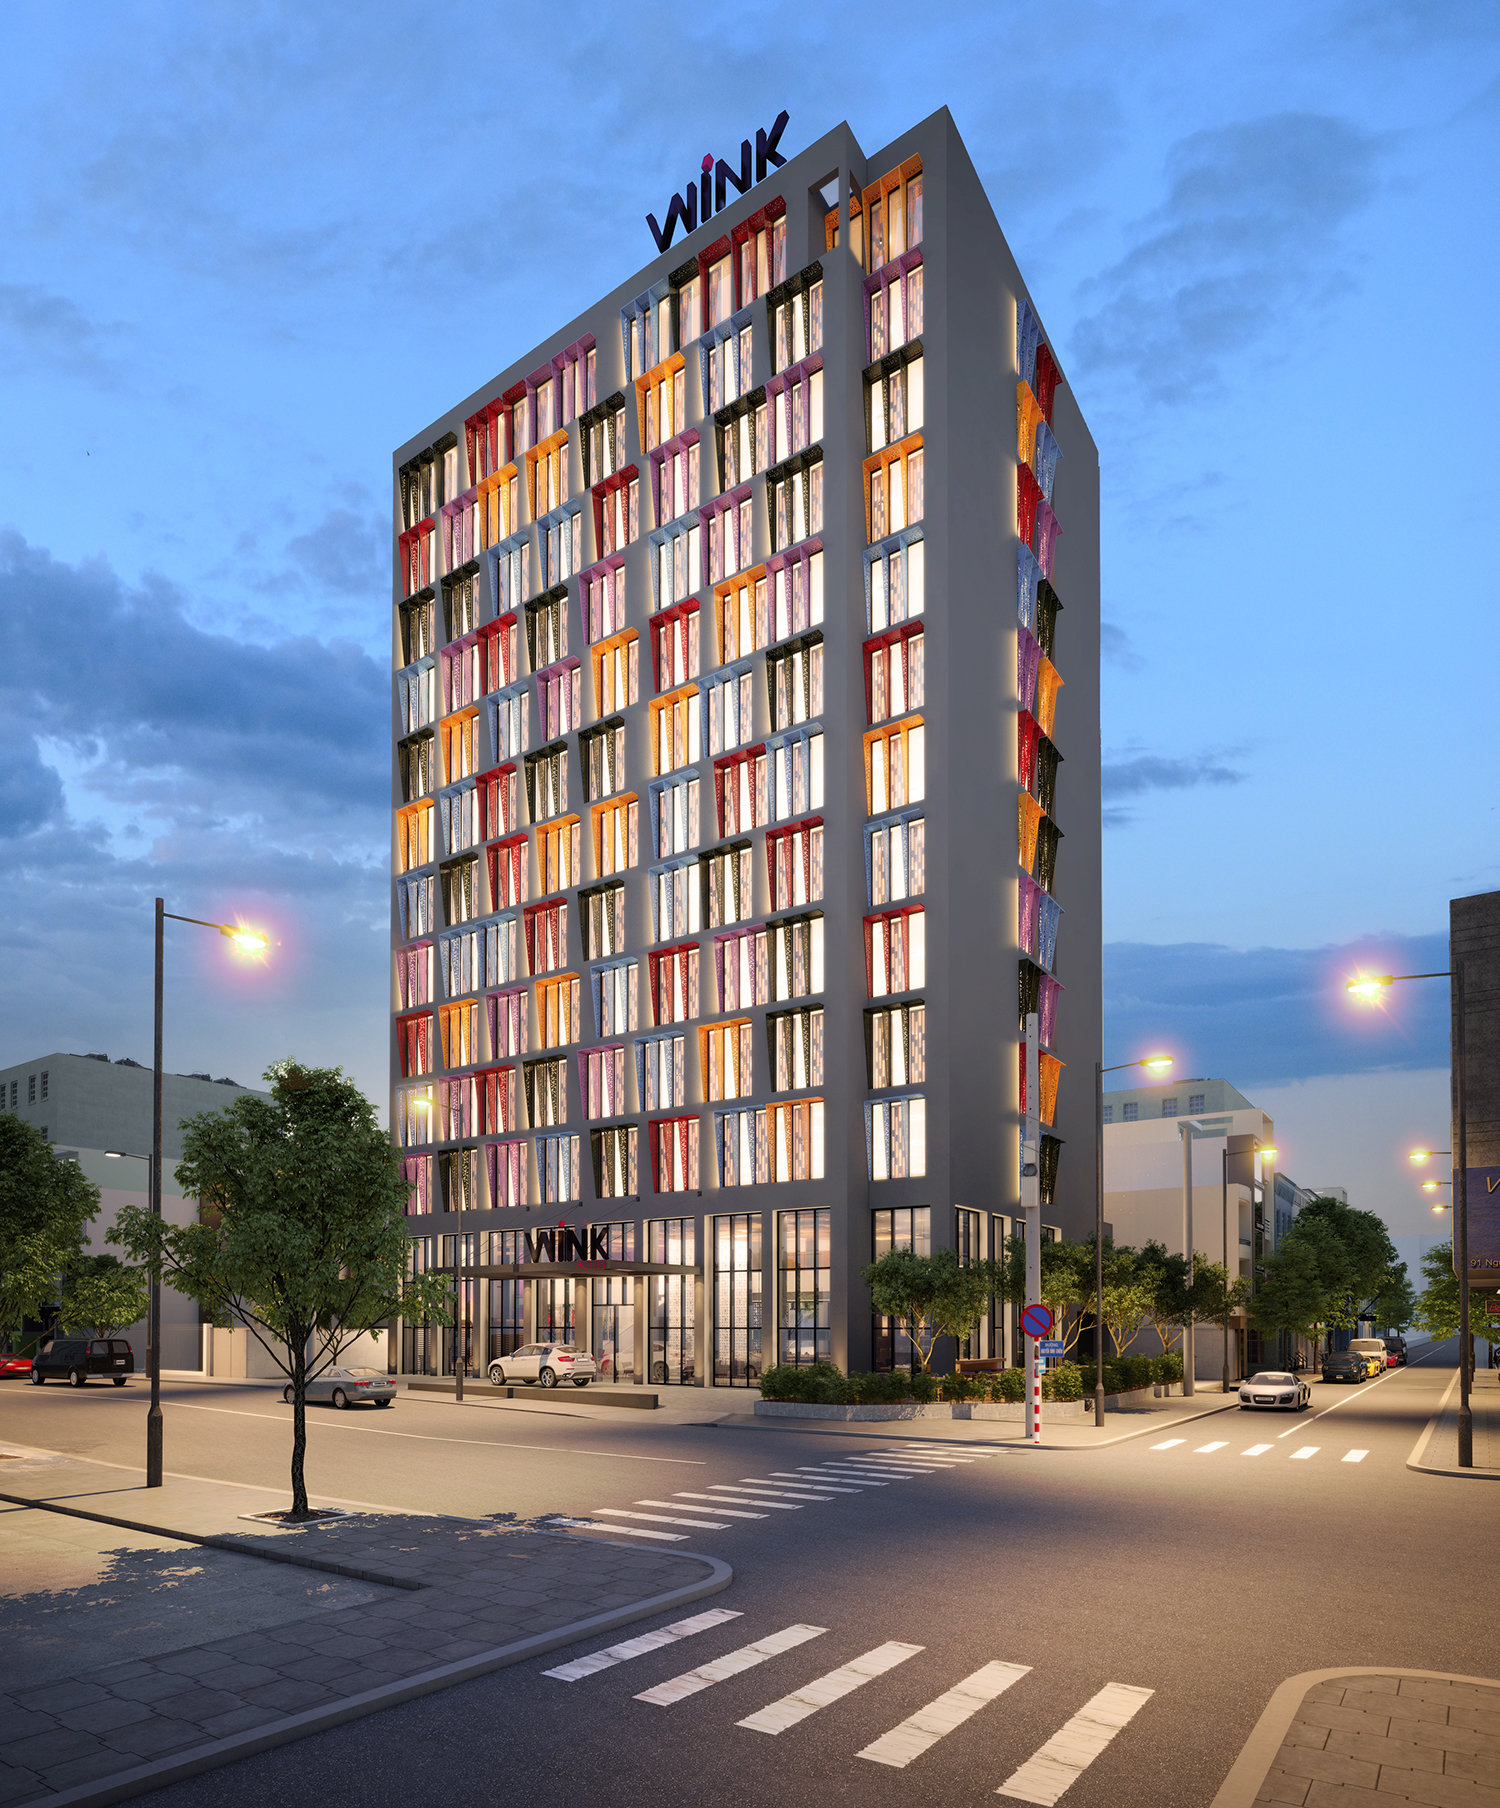 kiến trúc bên ngoài khách sạn wink